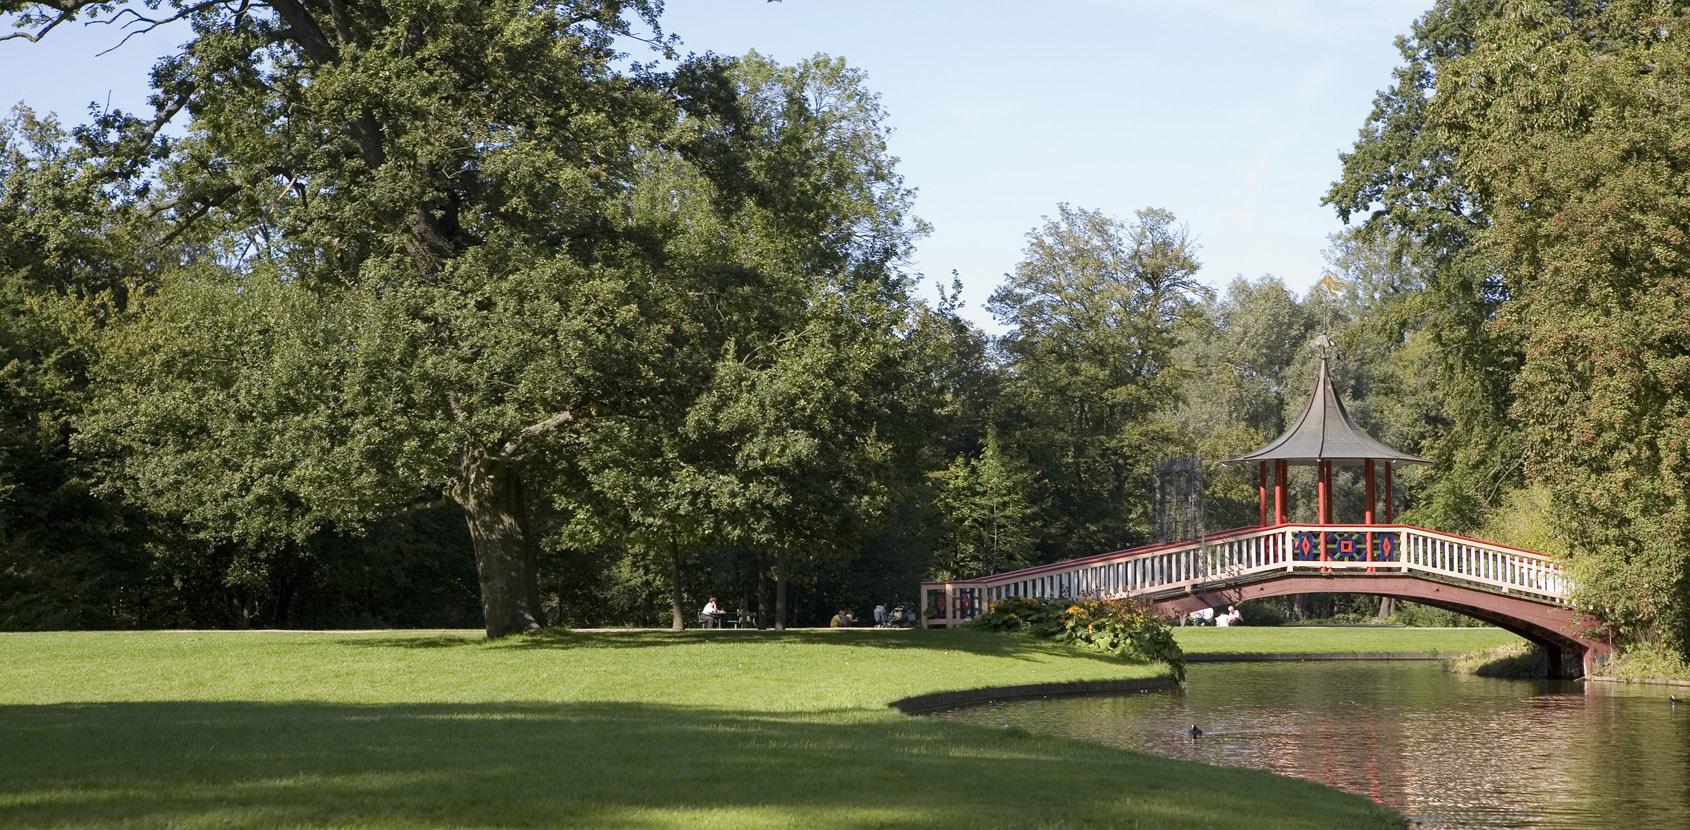 Frederiksberg Gardens. Photo: Torben Eskerod